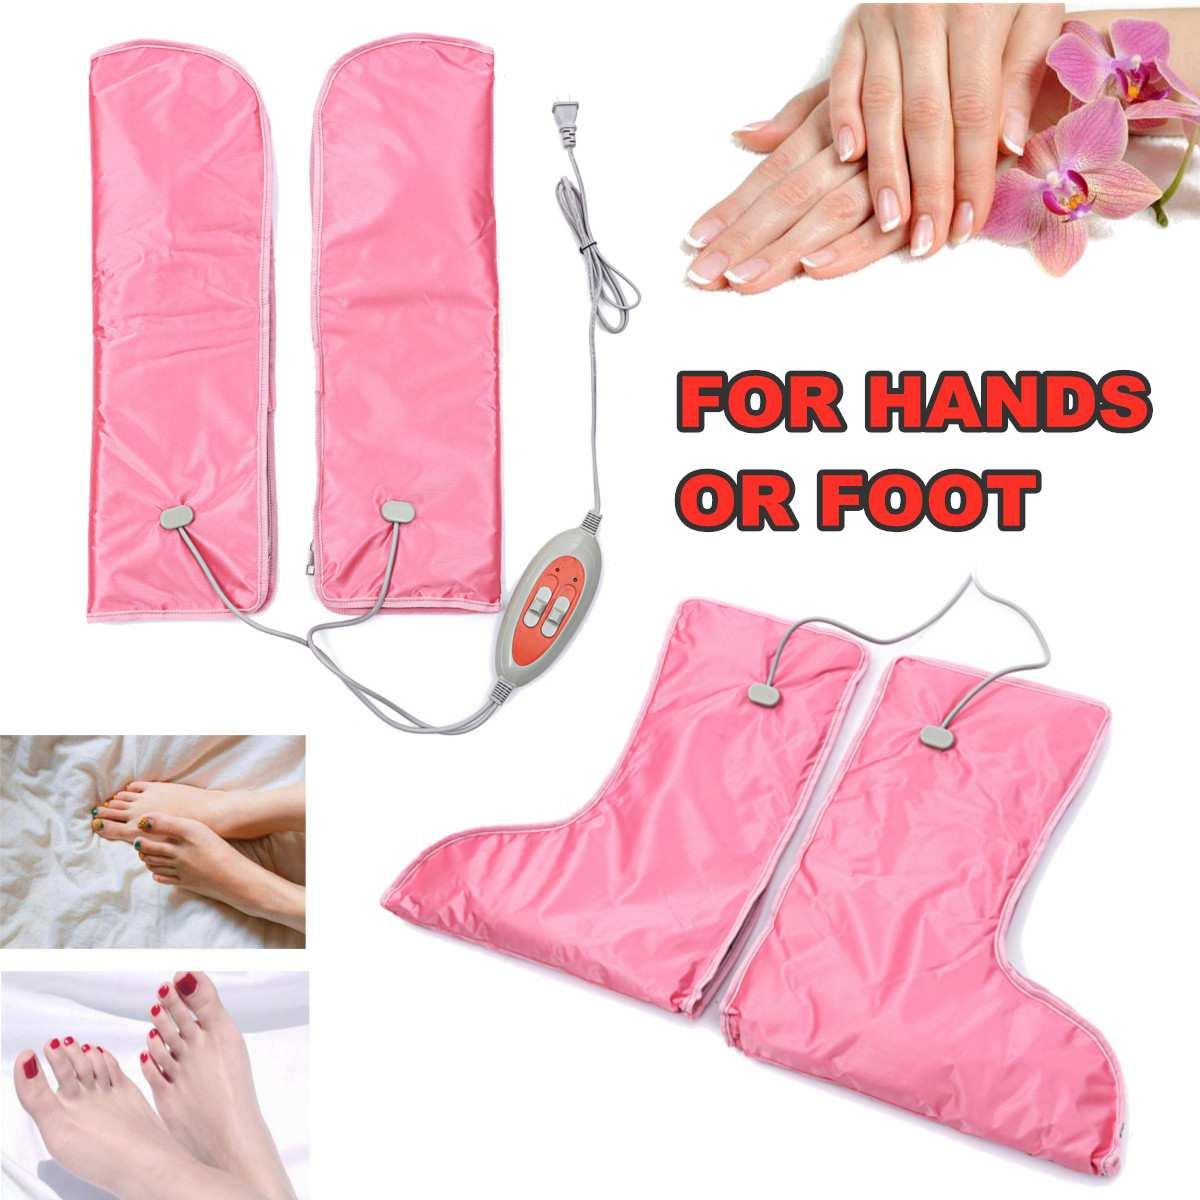 45 W ~ 60 W 220 V gants chauffants électriques mitaines traitement de thérapie infrarouge pied main plus chaud manucure soins ongles Art équipement outils